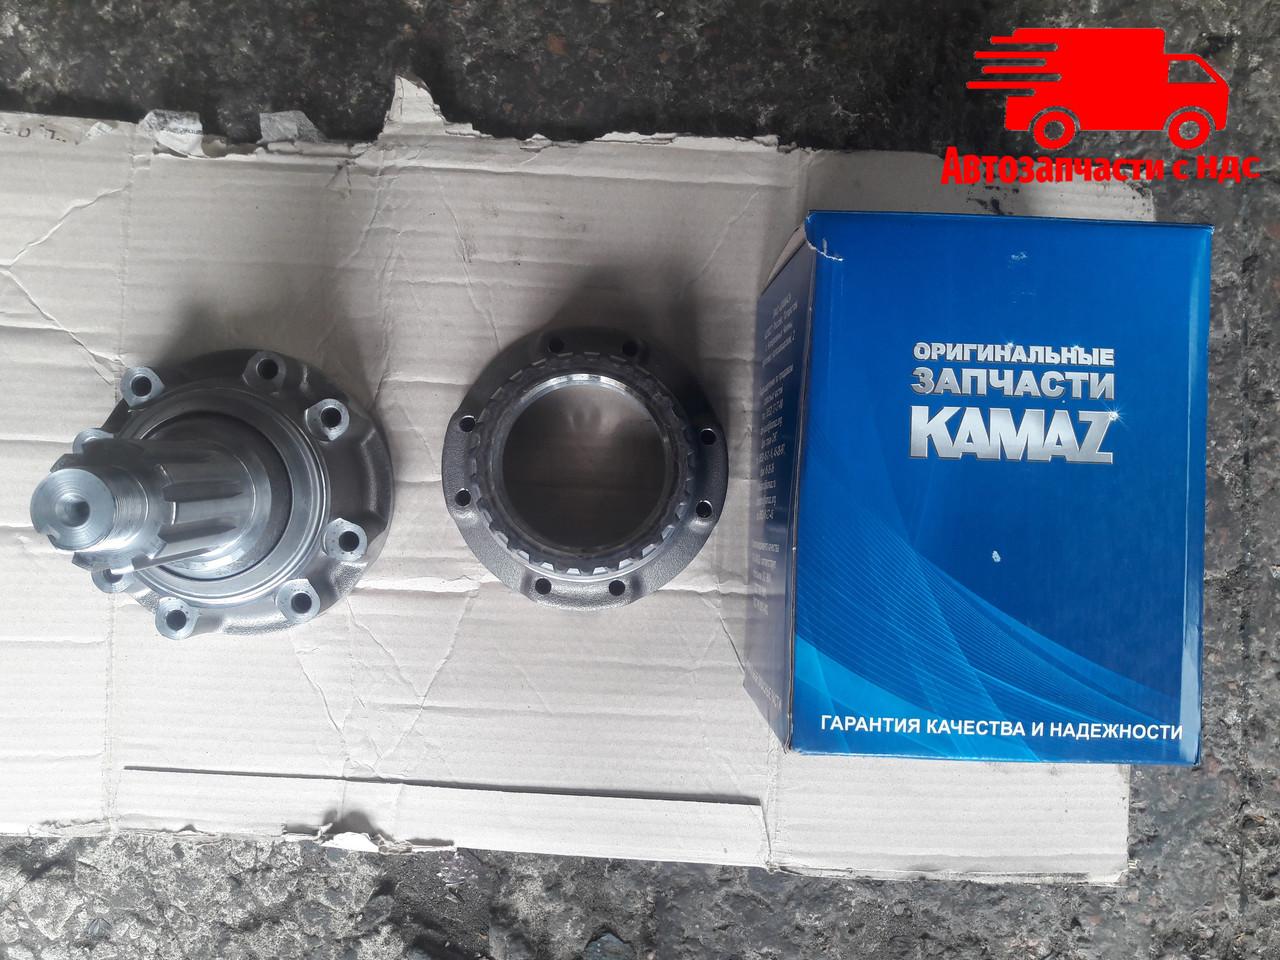 Чашка дифференциала моста промежуточный КАМАЗ комплект  (18+19) (пр-во КамАЗ). 53205-2506016. Ціна з ПДВ.